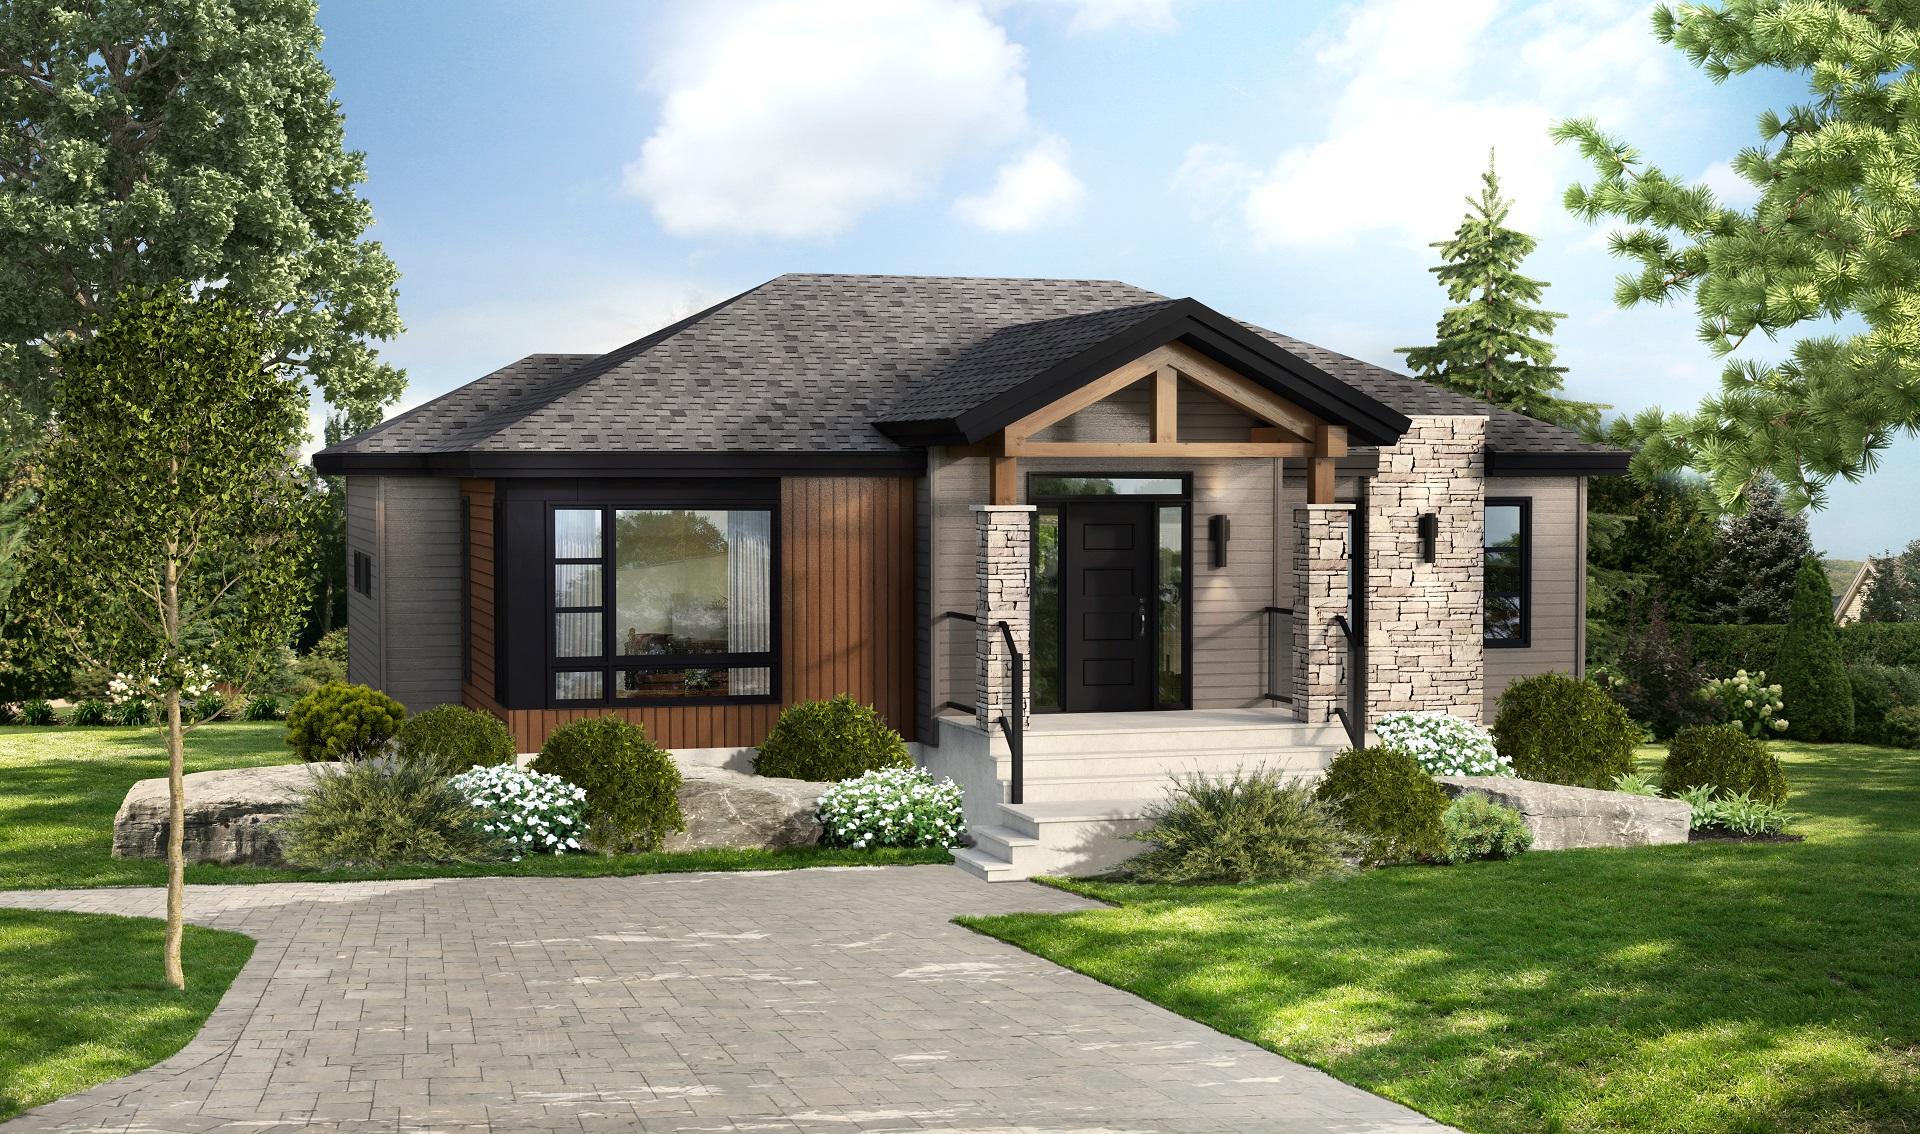 Mod le urbana maison contemporaine et moderne pro fab constructeur de maisons modulaires for Maison modele profab